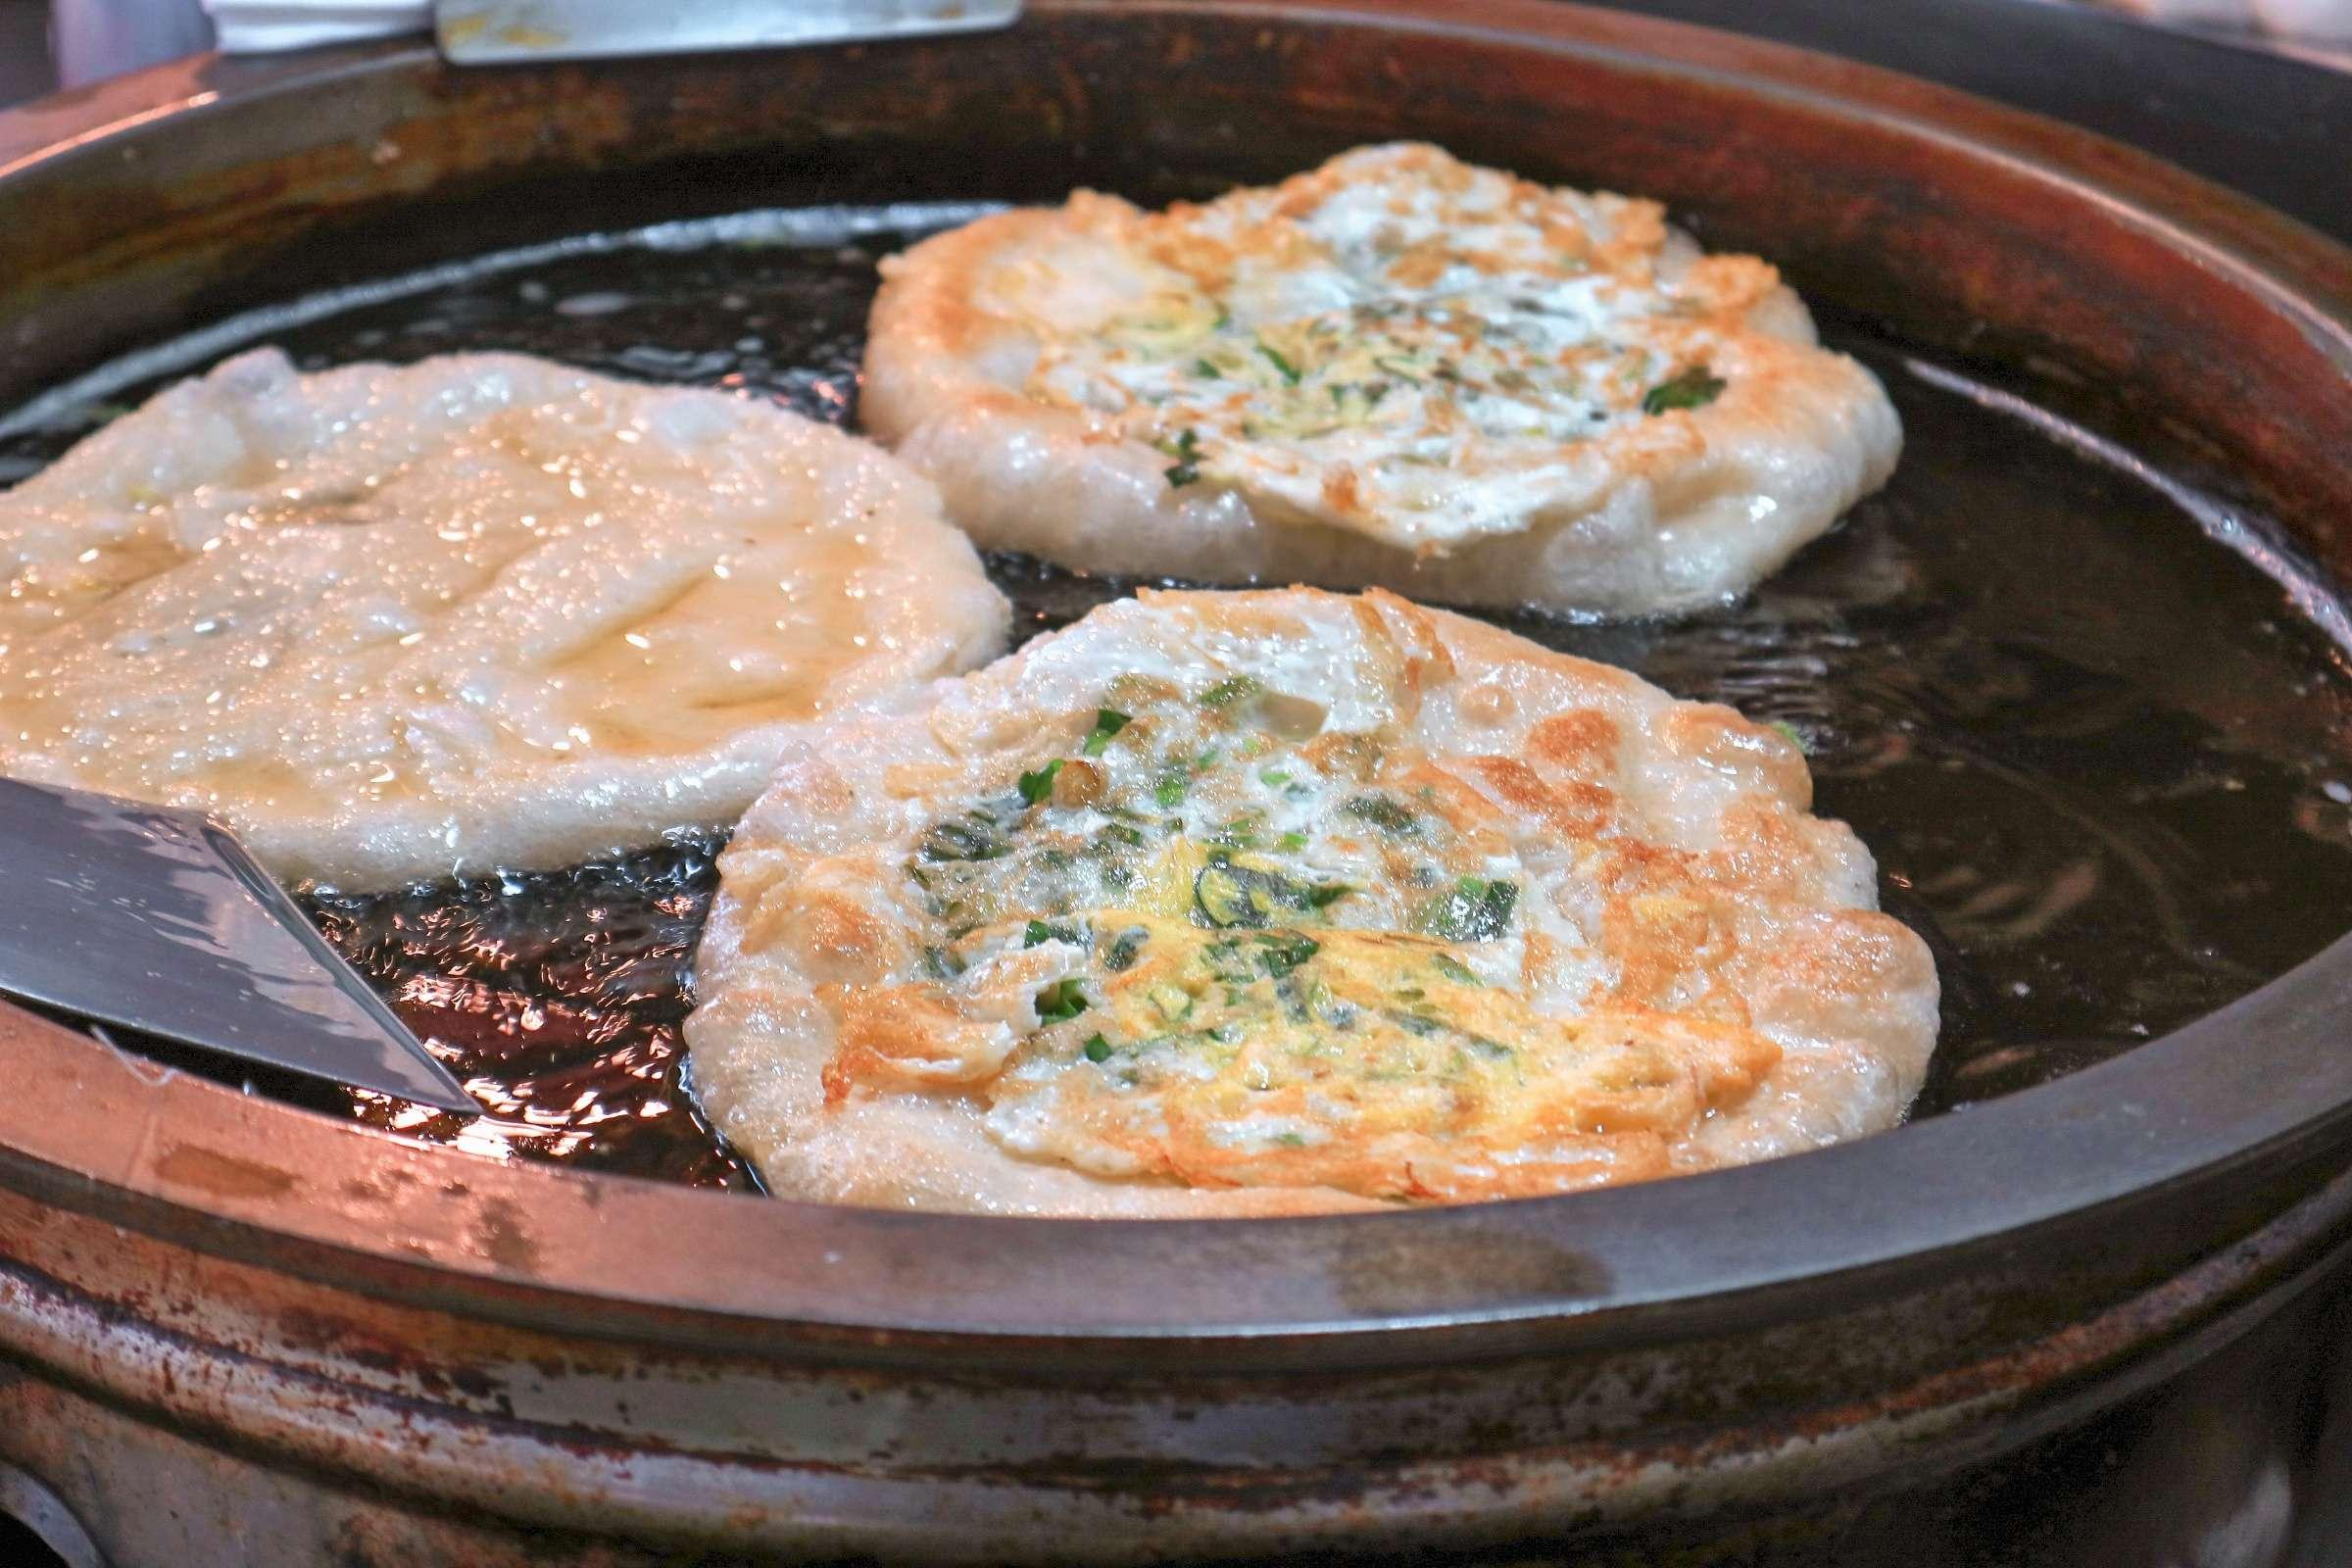 冬山金珠蔥油餅:人氣必吃街頭小吃美食,食尚玩家大推薦【宜蘭羅東美食】 @女子的休假計劃